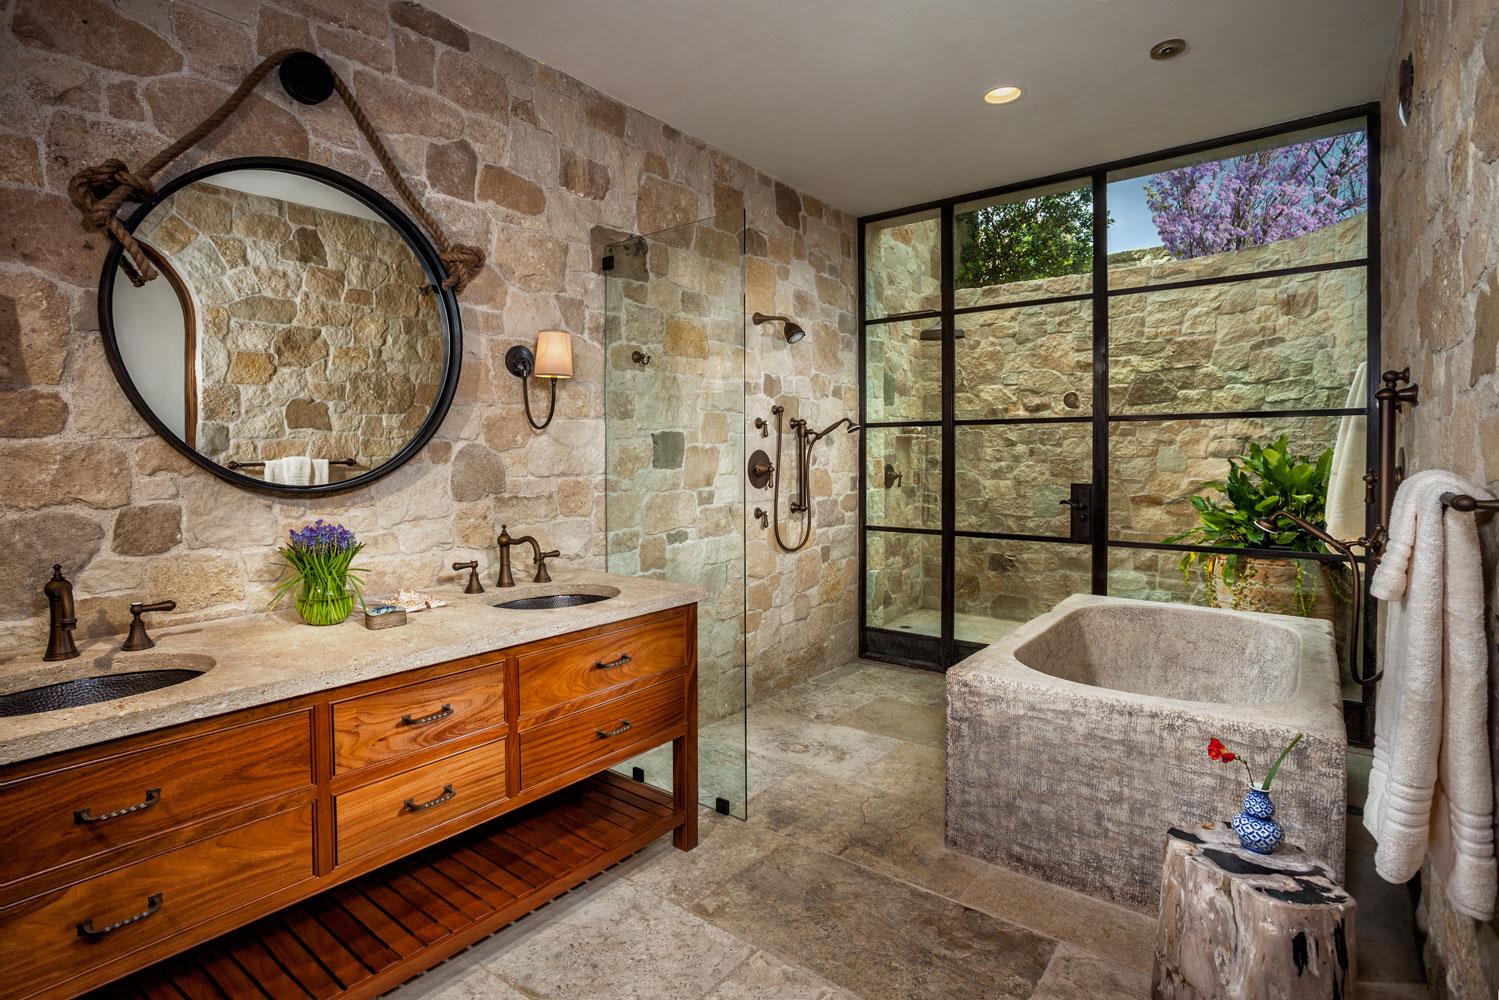 Rustic-Stone-Bathroom-Stone-Tub-Dual-Vanity-Outdoor-Shower-Corbin-Reeves.jpg